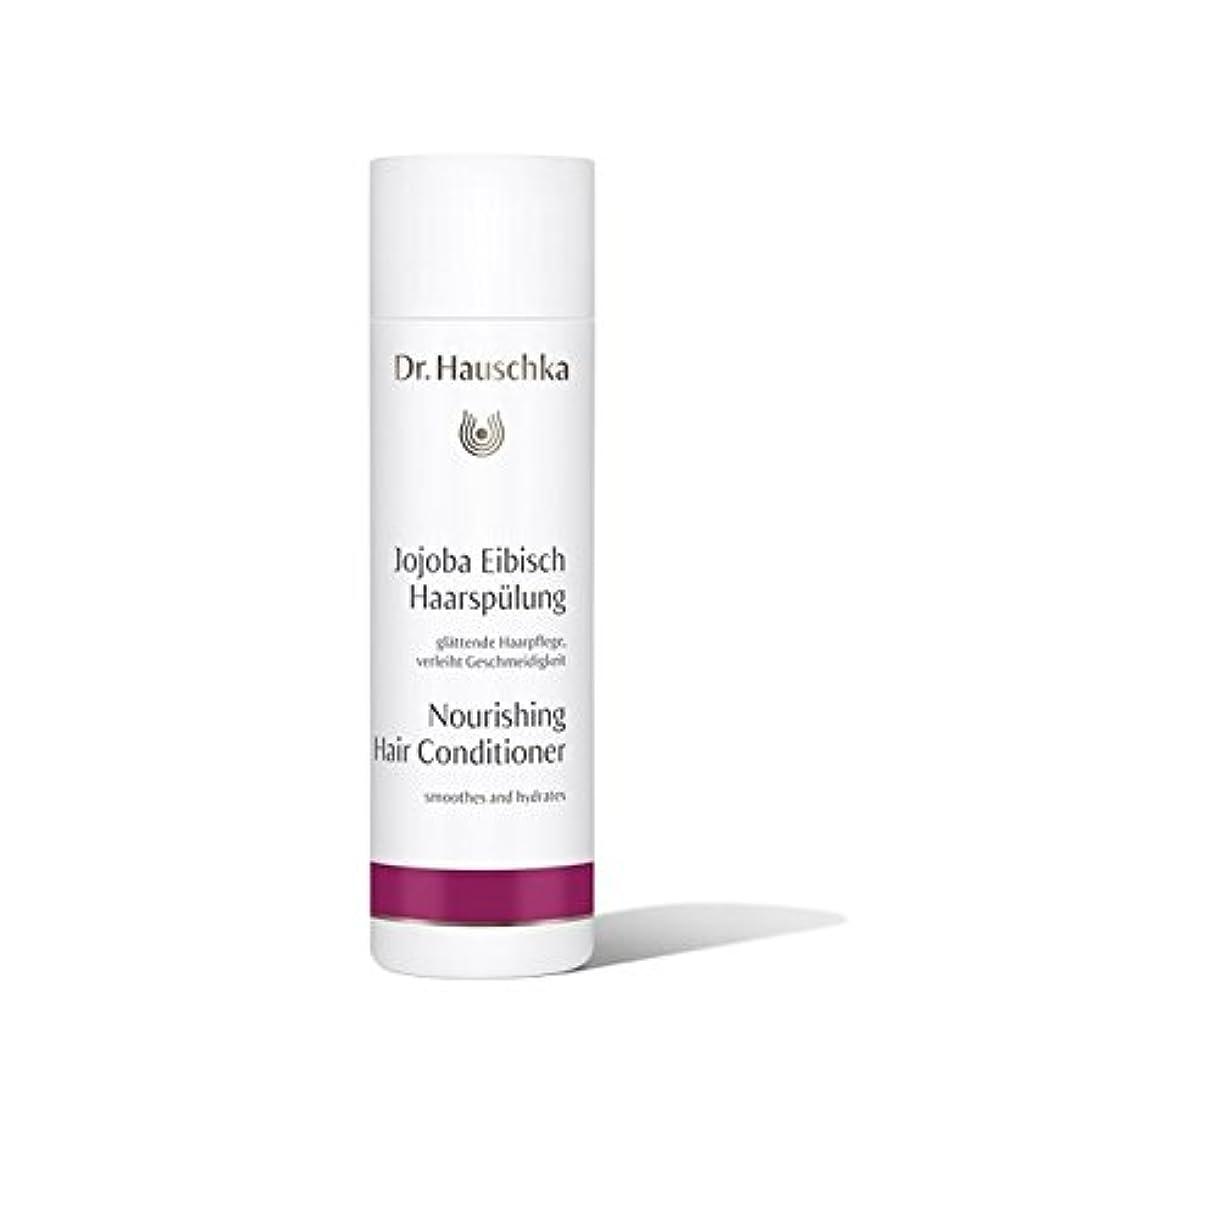 曖昧な前奏曲一Dr. Hauschka Nourishing Hair Conditioner (200ml) - ハウシュカ栄養ヘアコンディショナー(200ミリリットル) [並行輸入品]